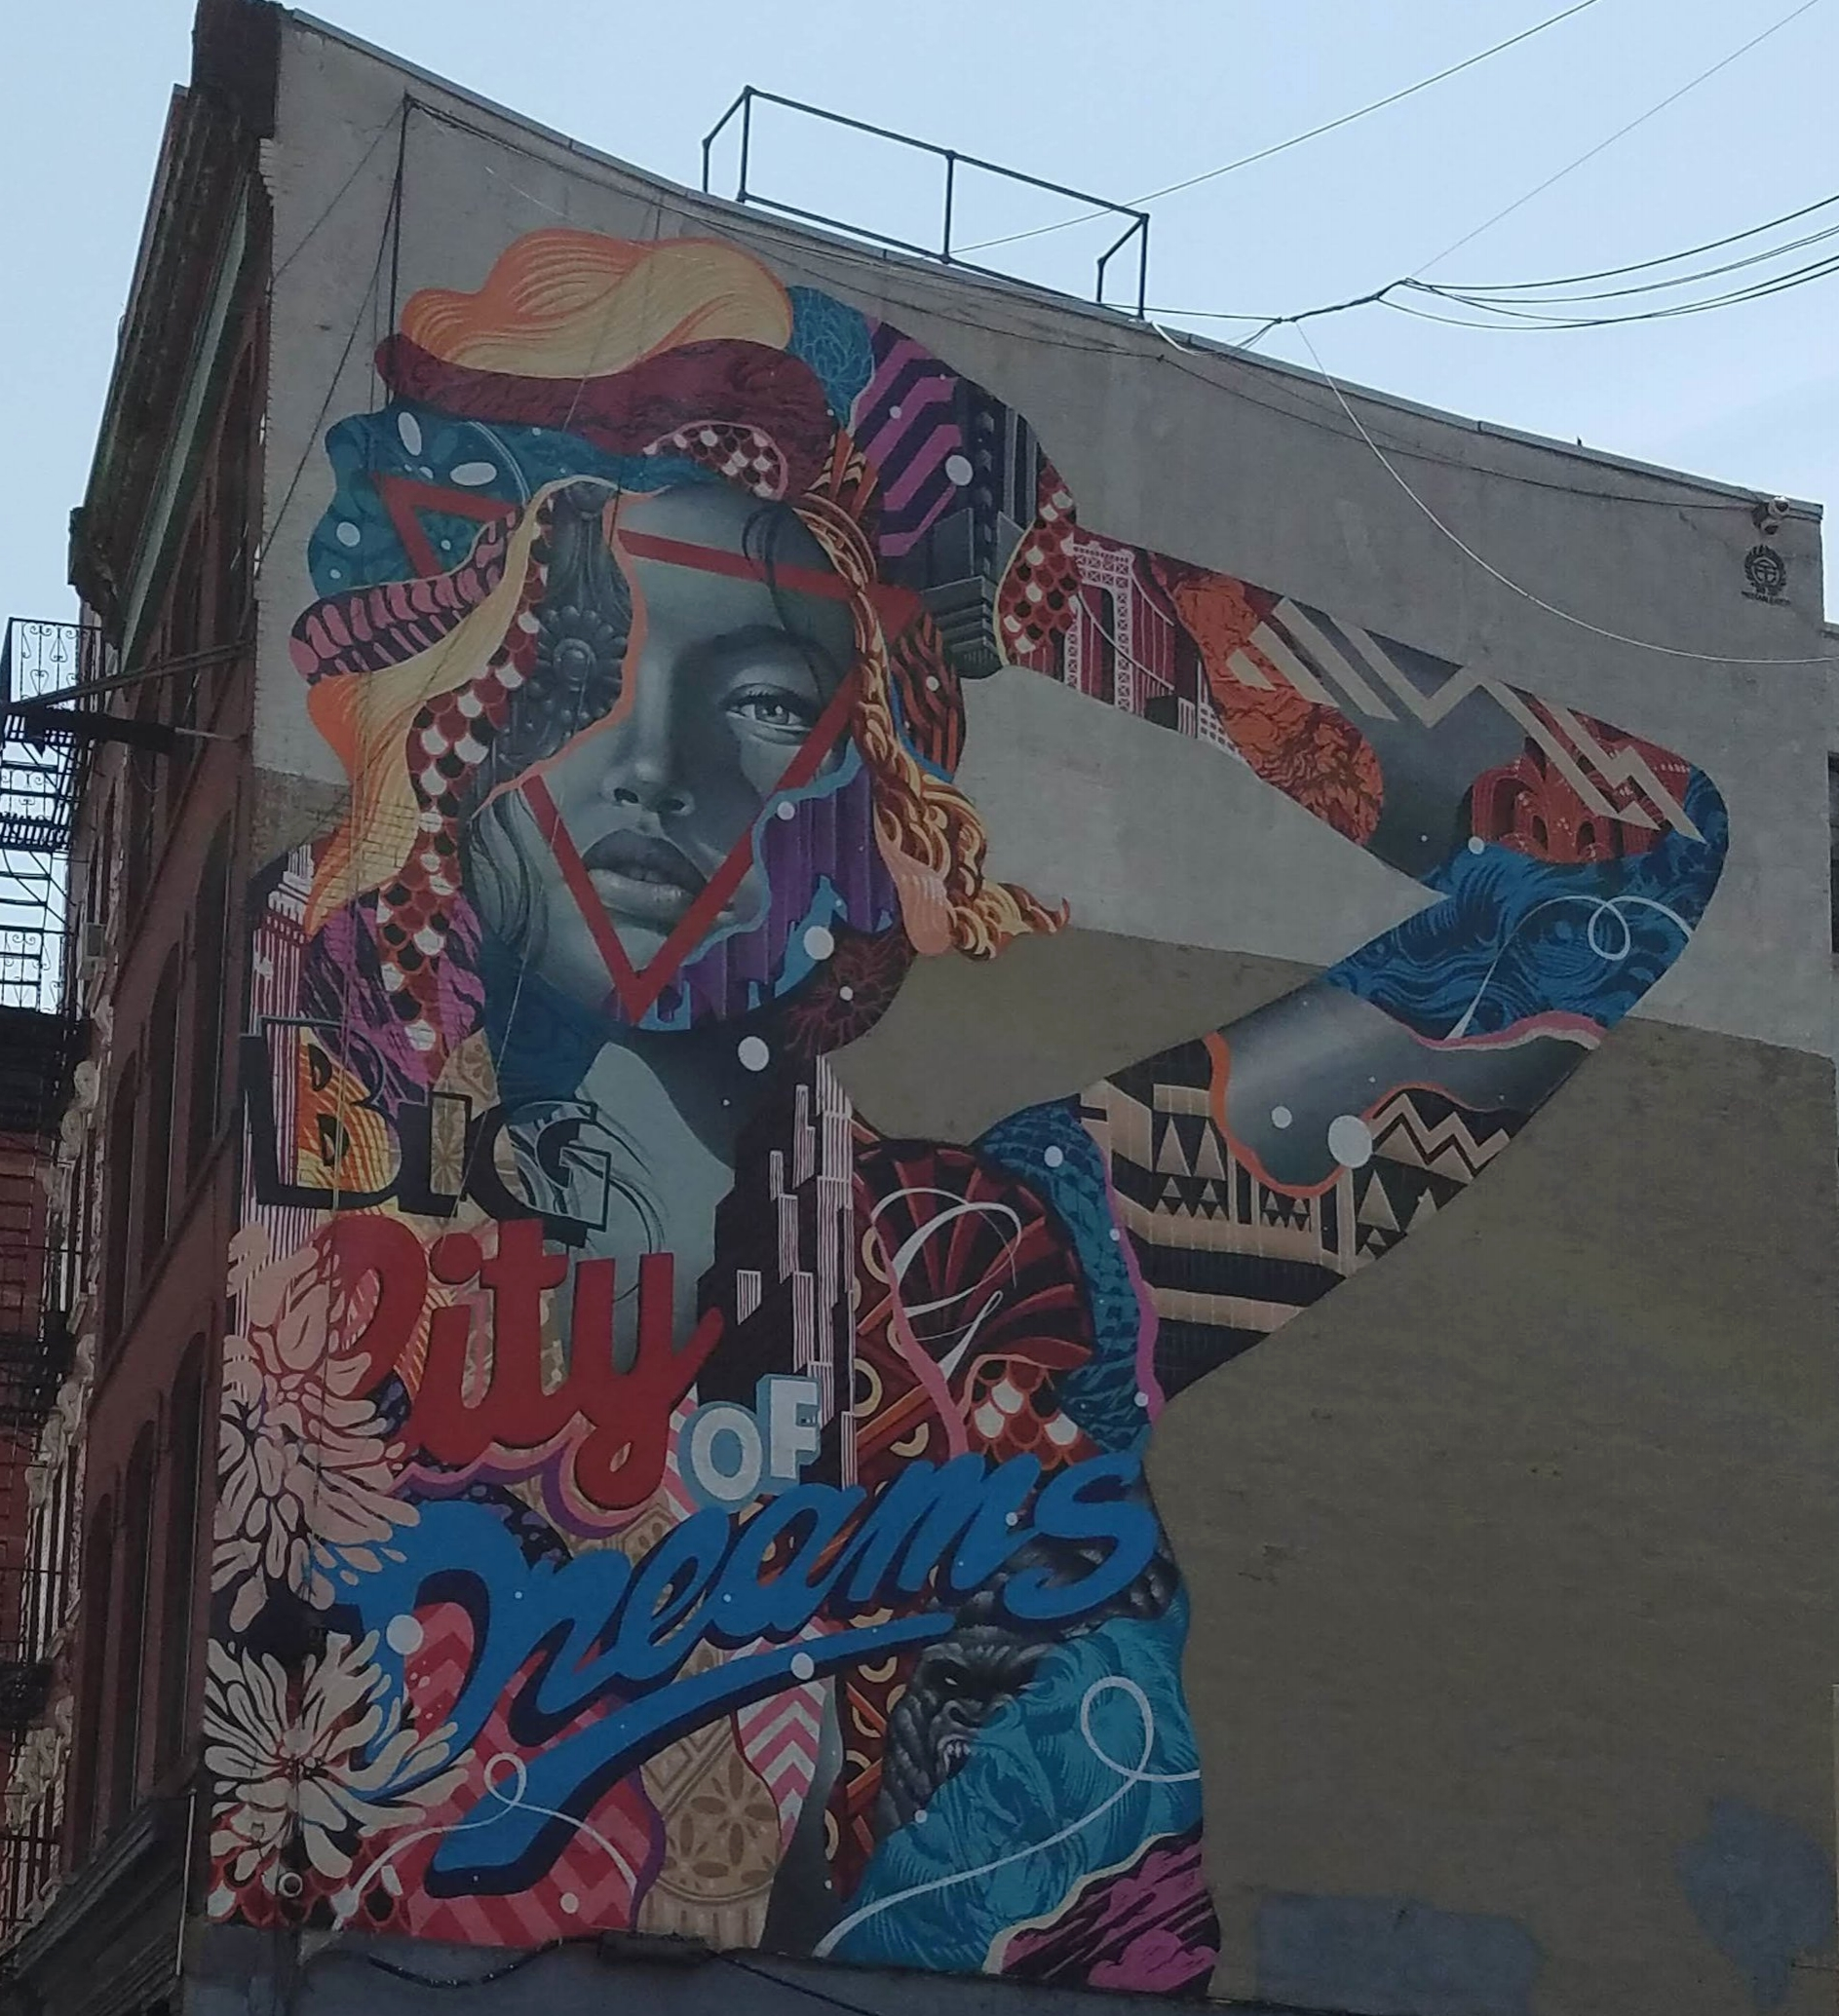 Mural in Little Italy, New York.